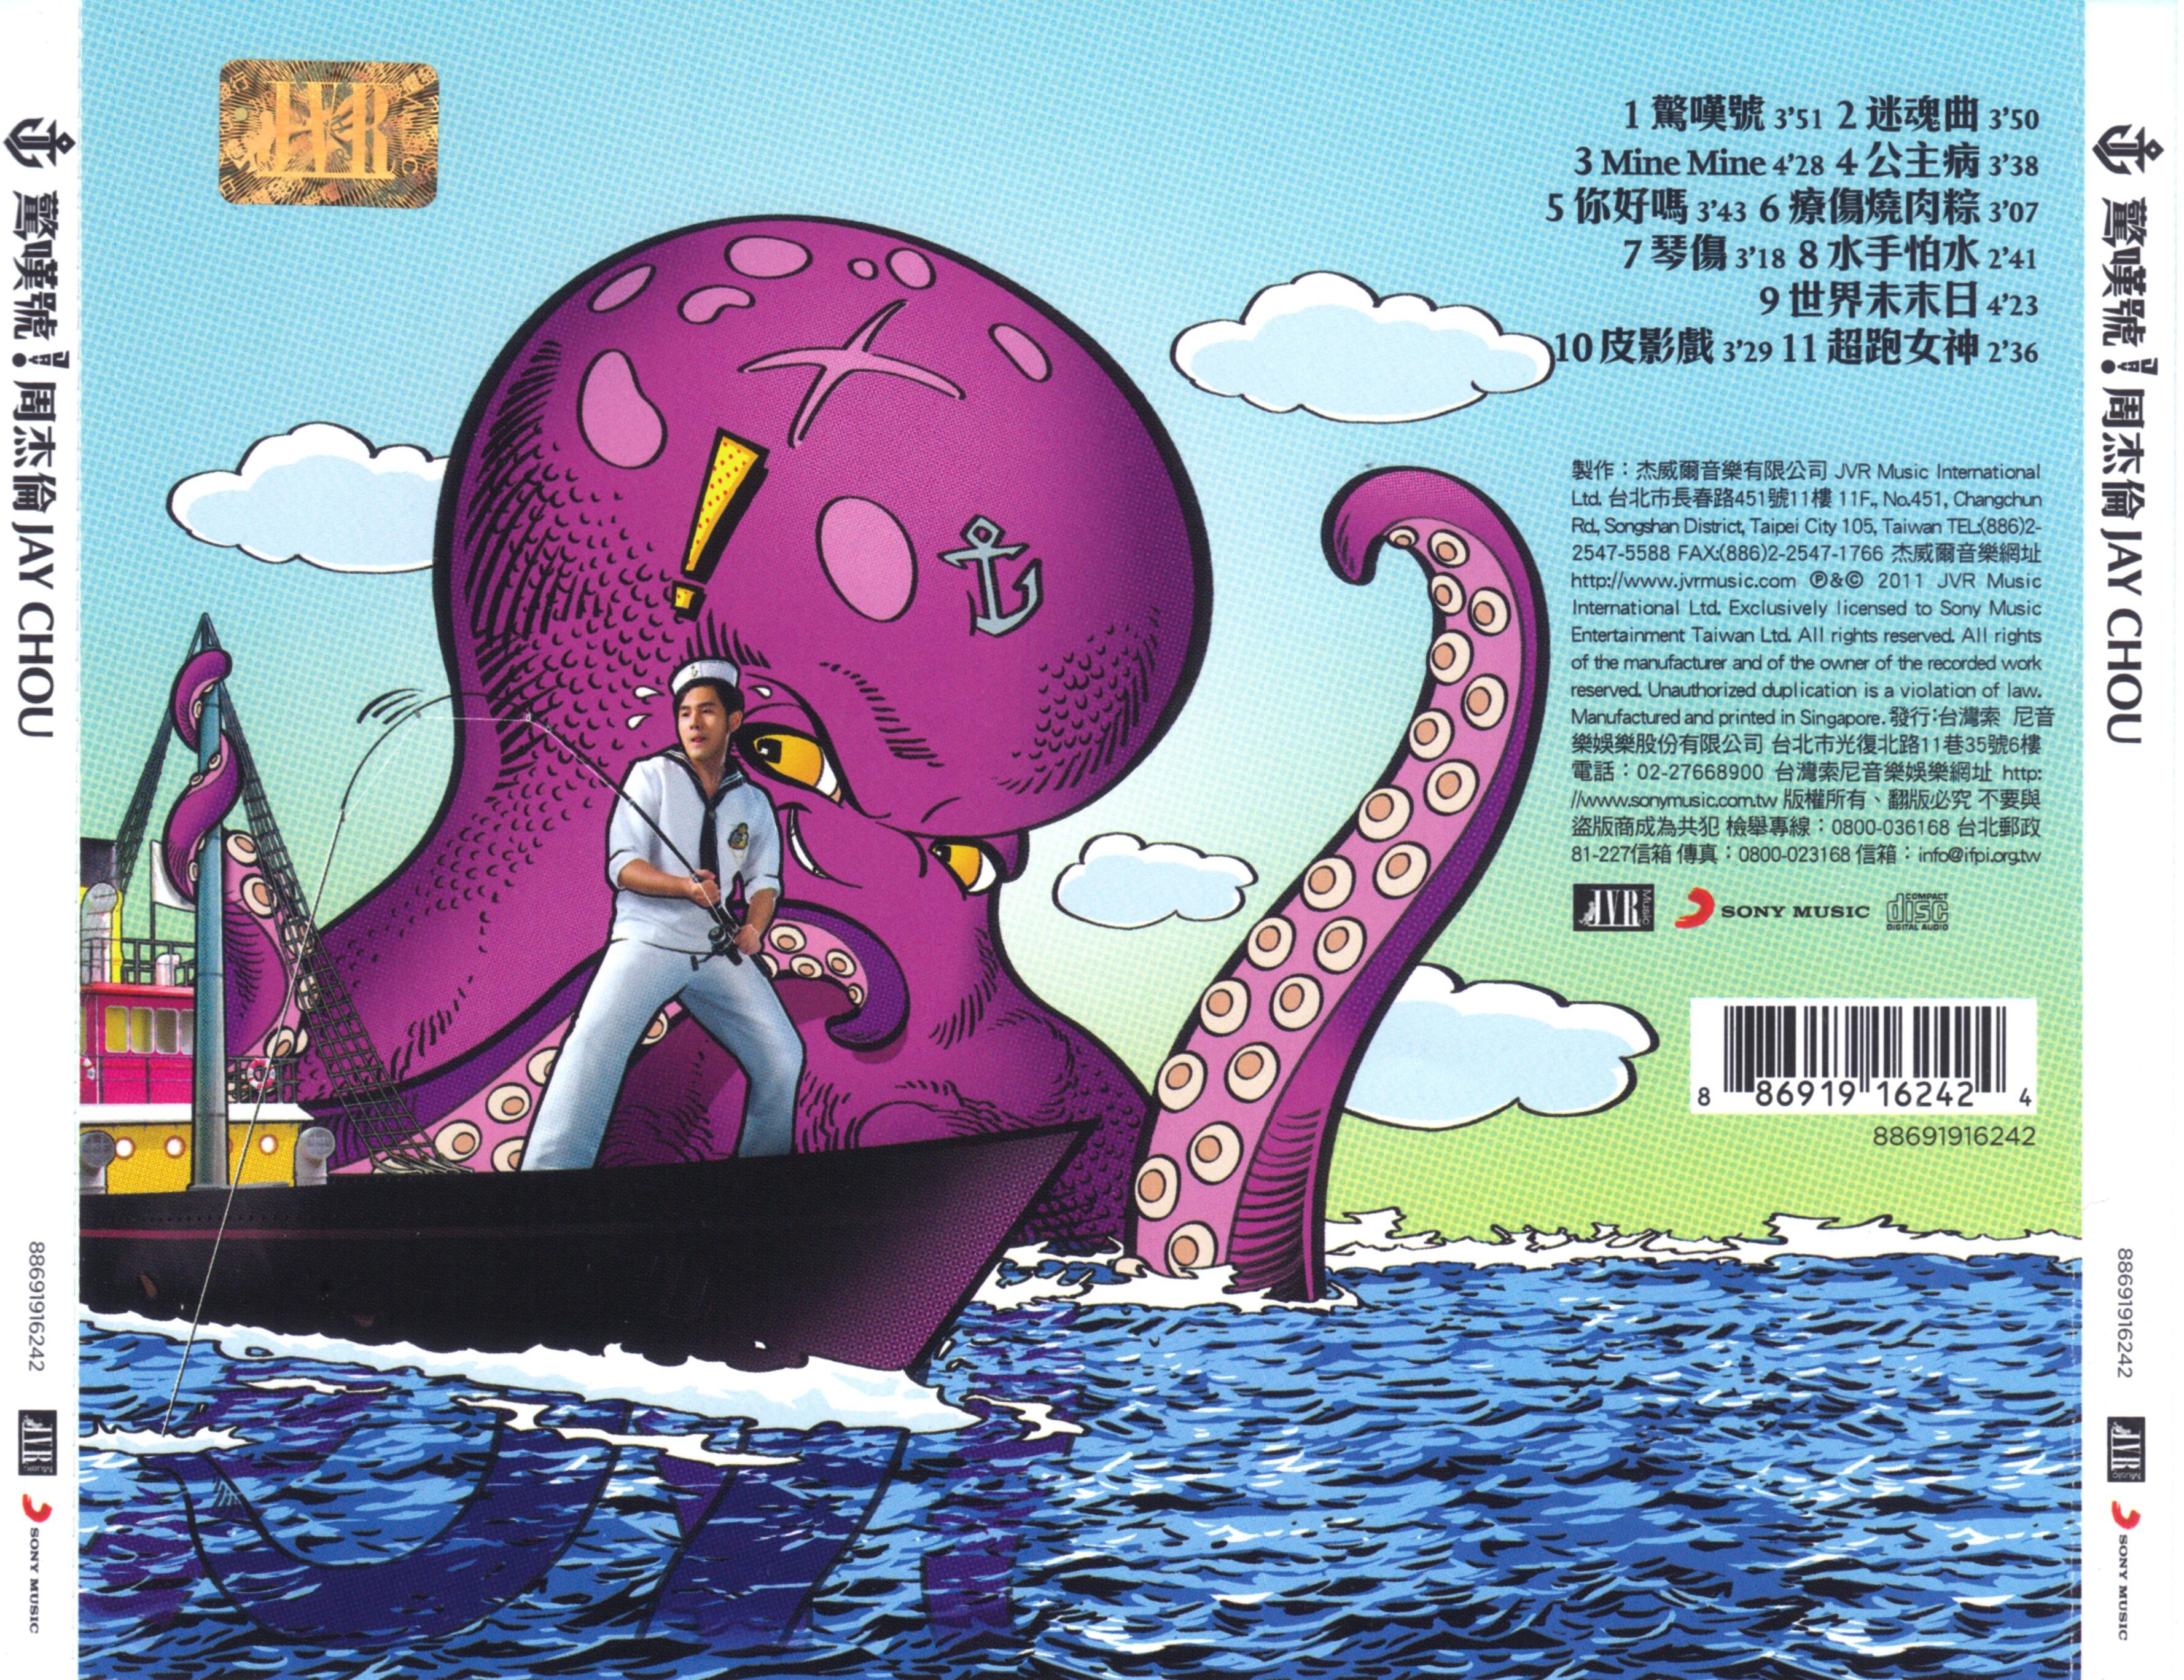 周杰伦 惊叹号 Album Art Covers